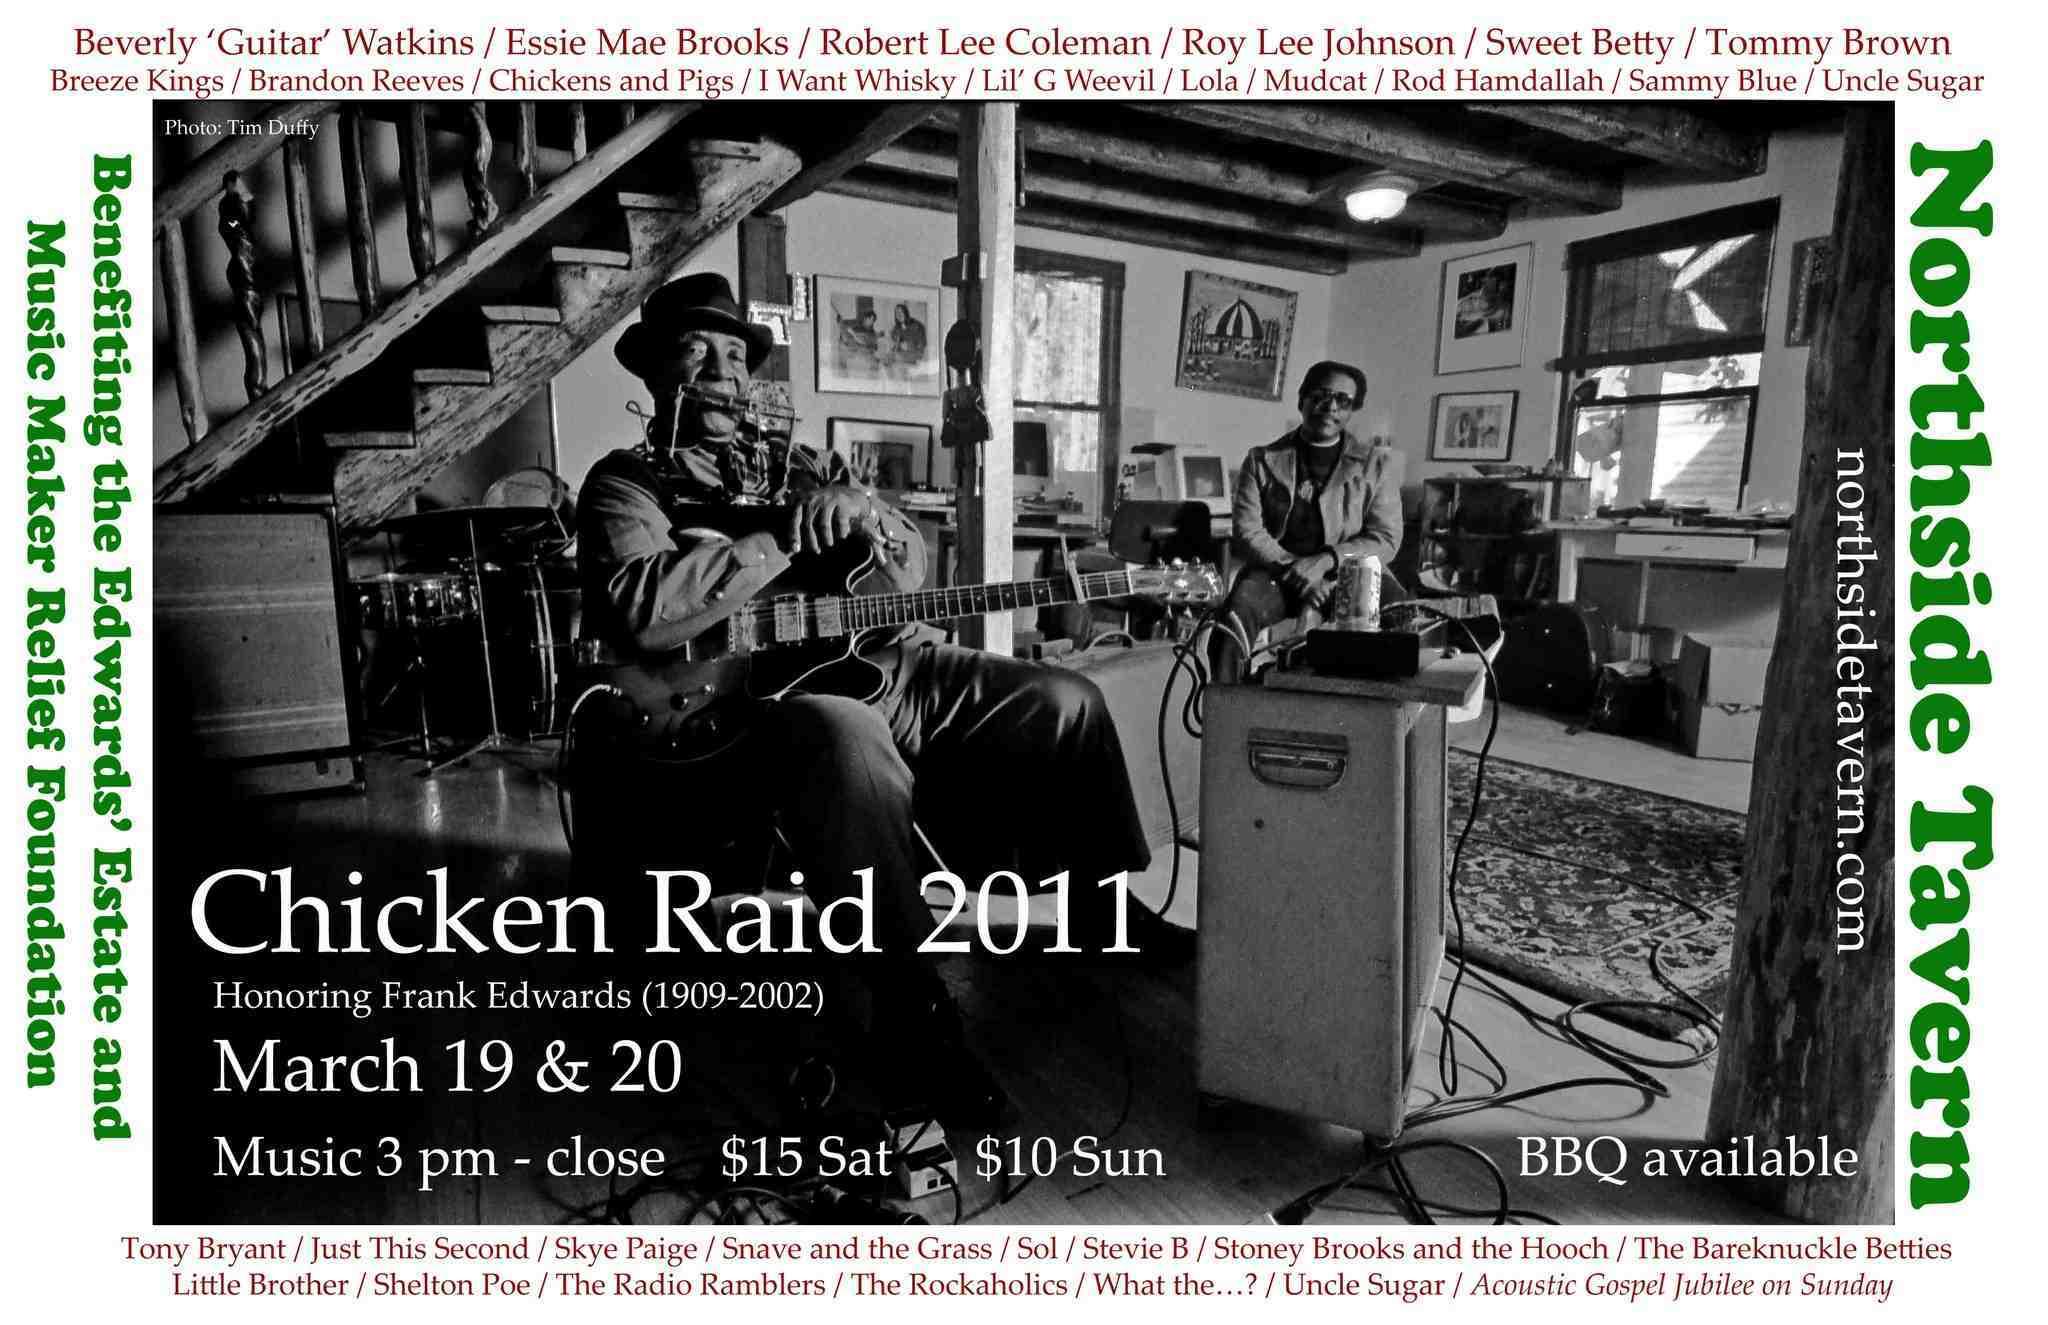 Chicken Raid 2011